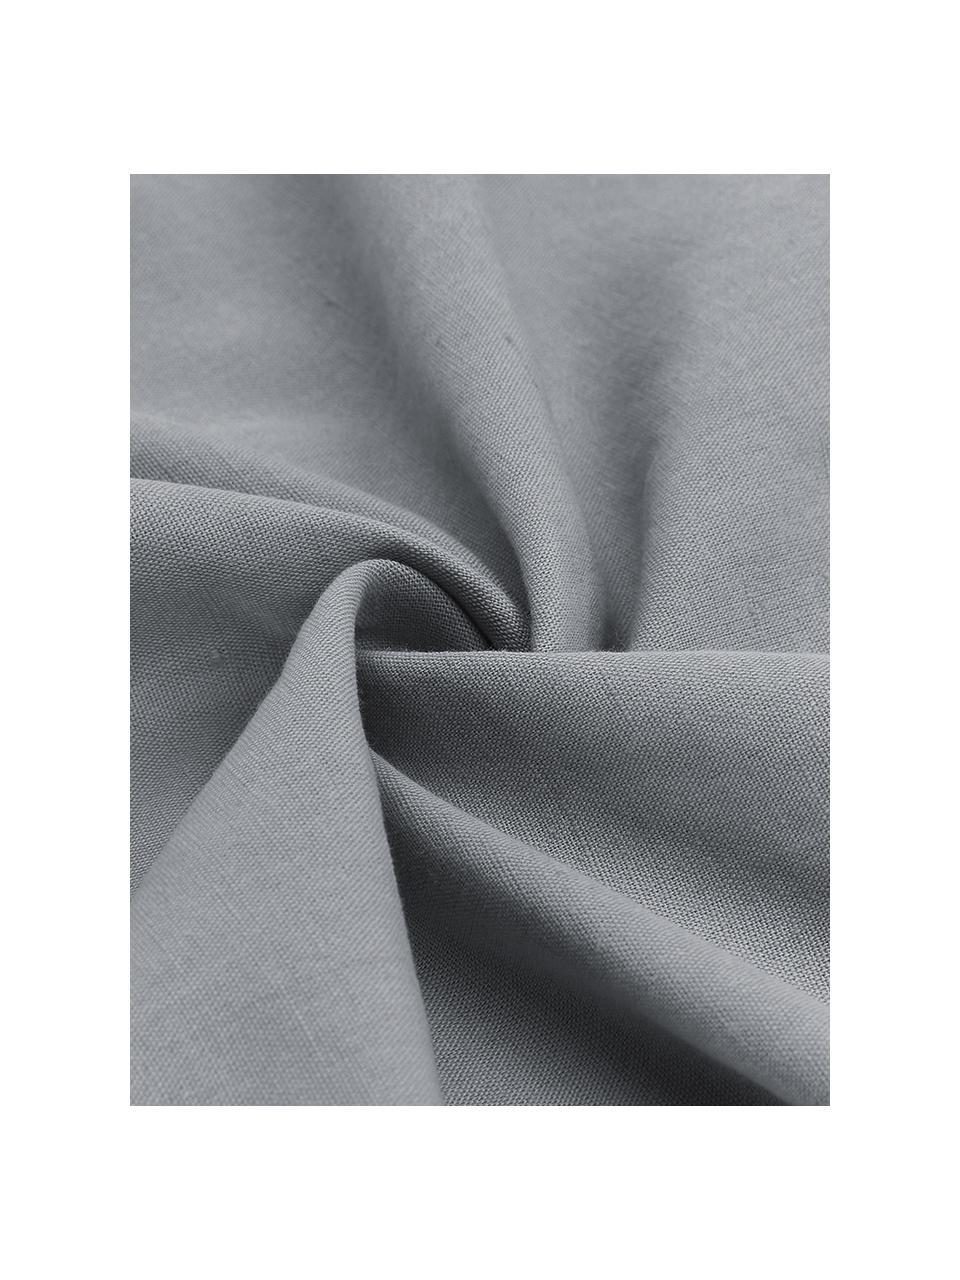 Pościel z lnu z efektem sprania Nature, Ciemny szary, 135 x 200 cm + 1 poduszka 80 x 80 cm